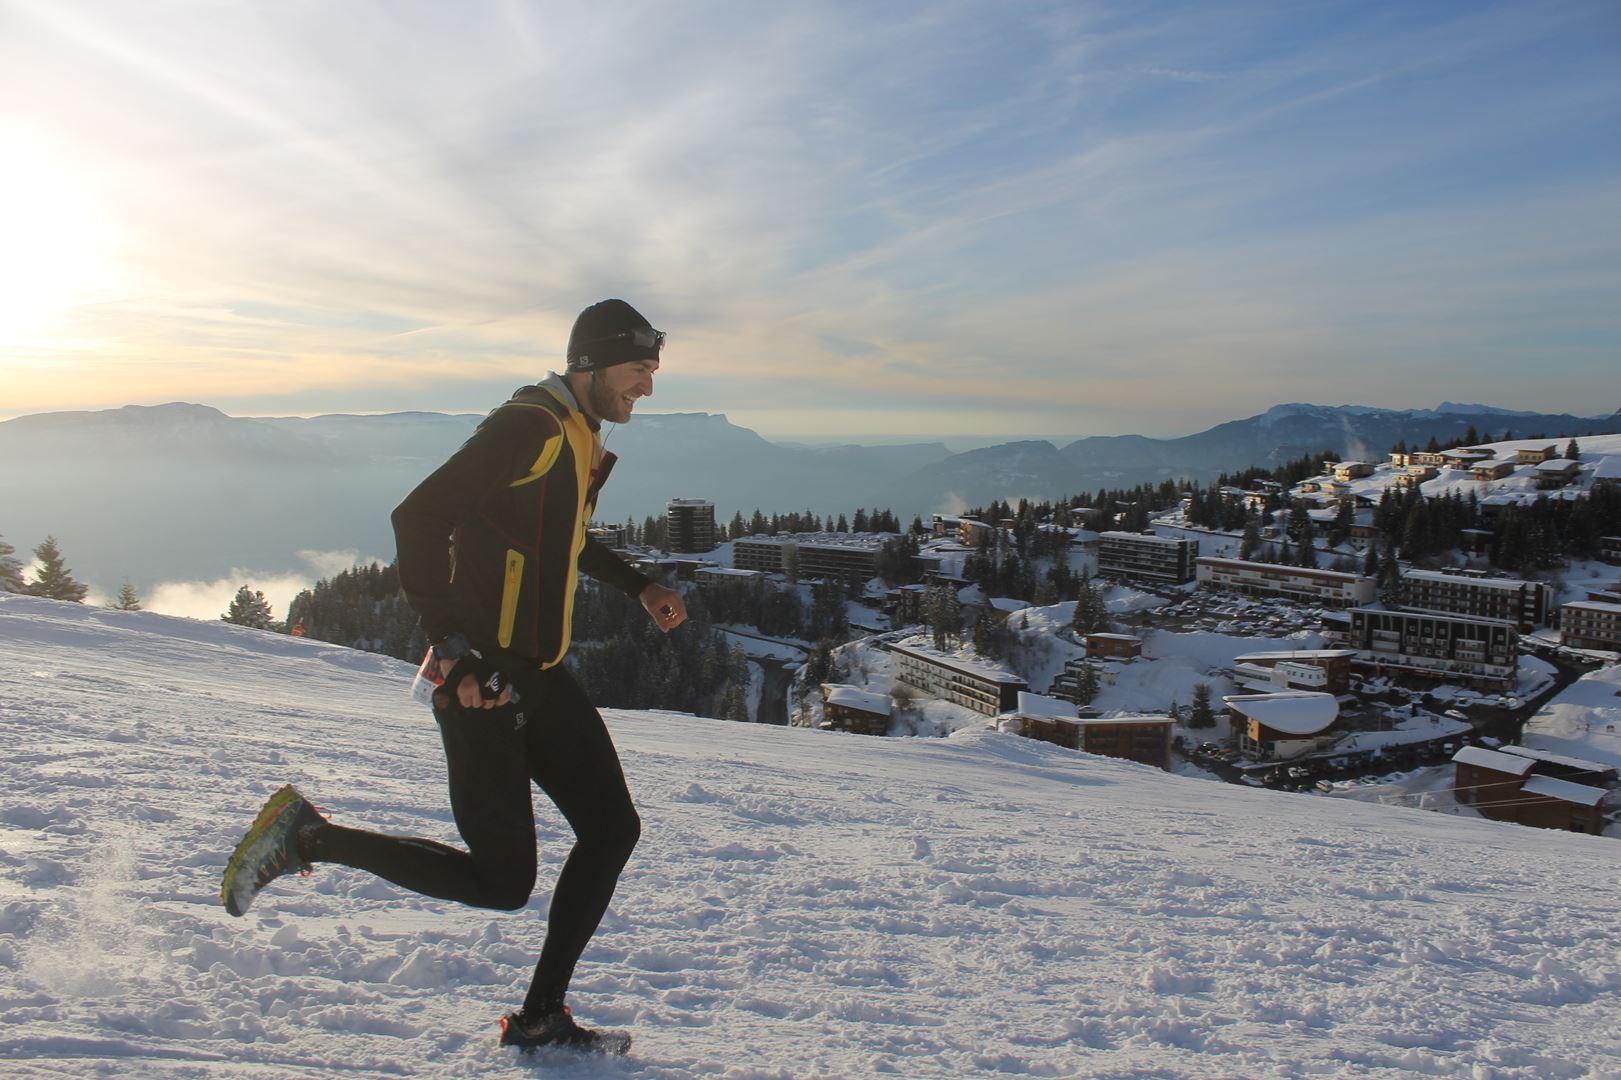 Julien Goyer 3° homme du 16km 3 - WITT: RESULTATS, PHOTOS ET COMPTE RENDU DU TRAIL BLANC DE CHAMROUSSE 01-04-2018